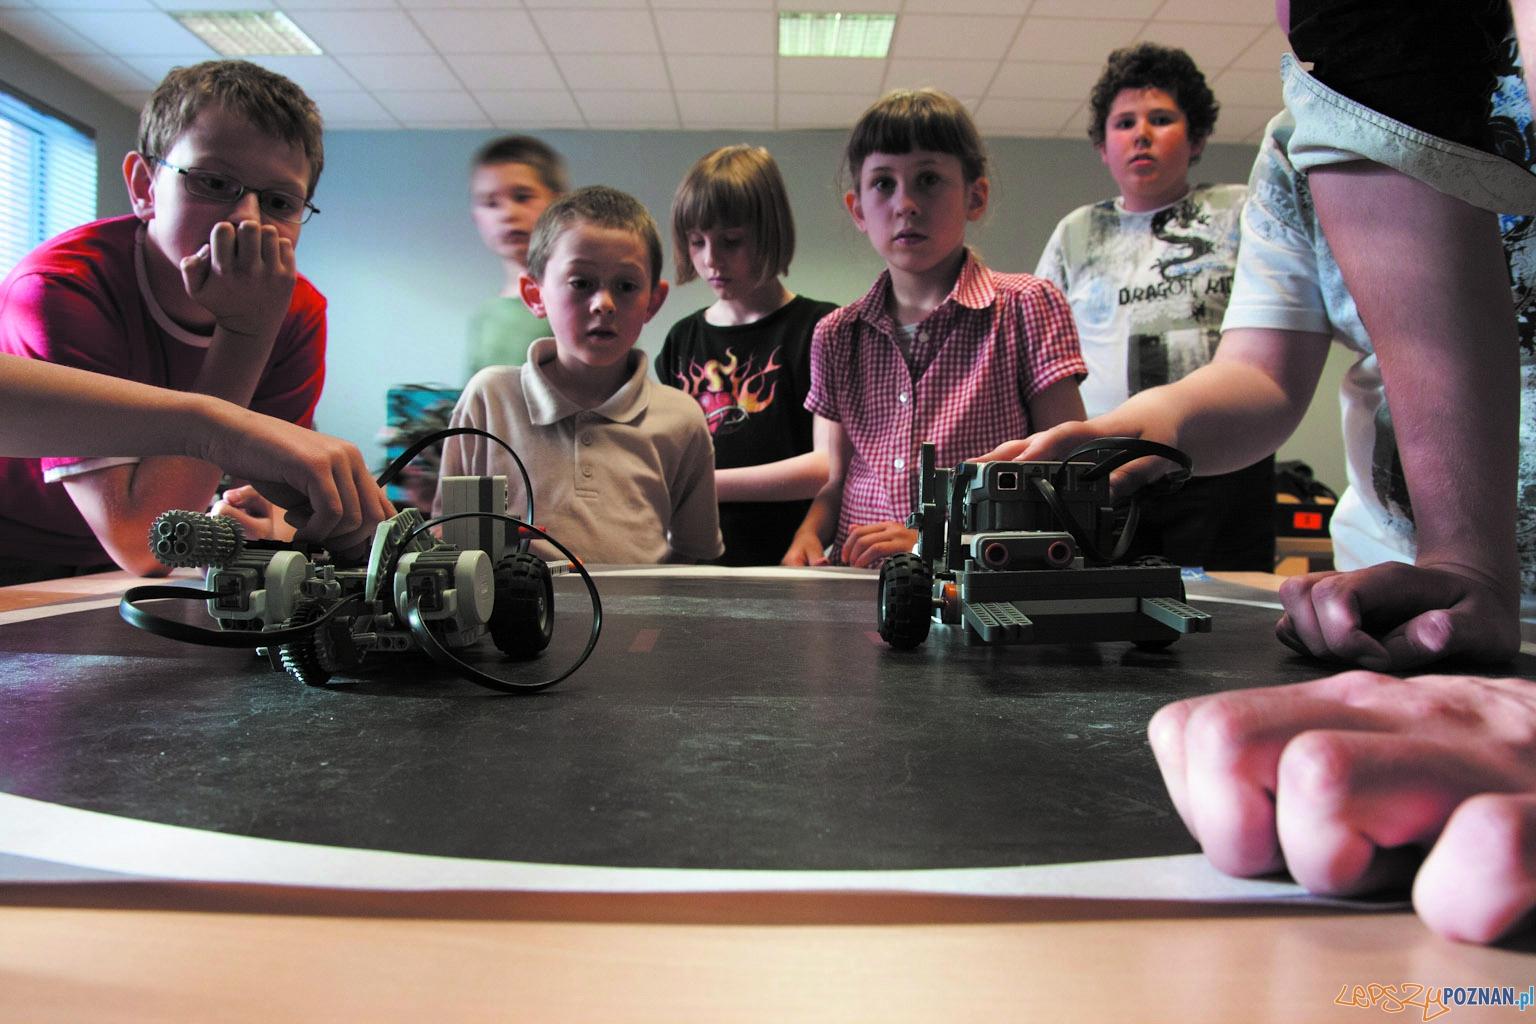 Uniwersytet dla Dzieci_zabawa robotami  Foto: